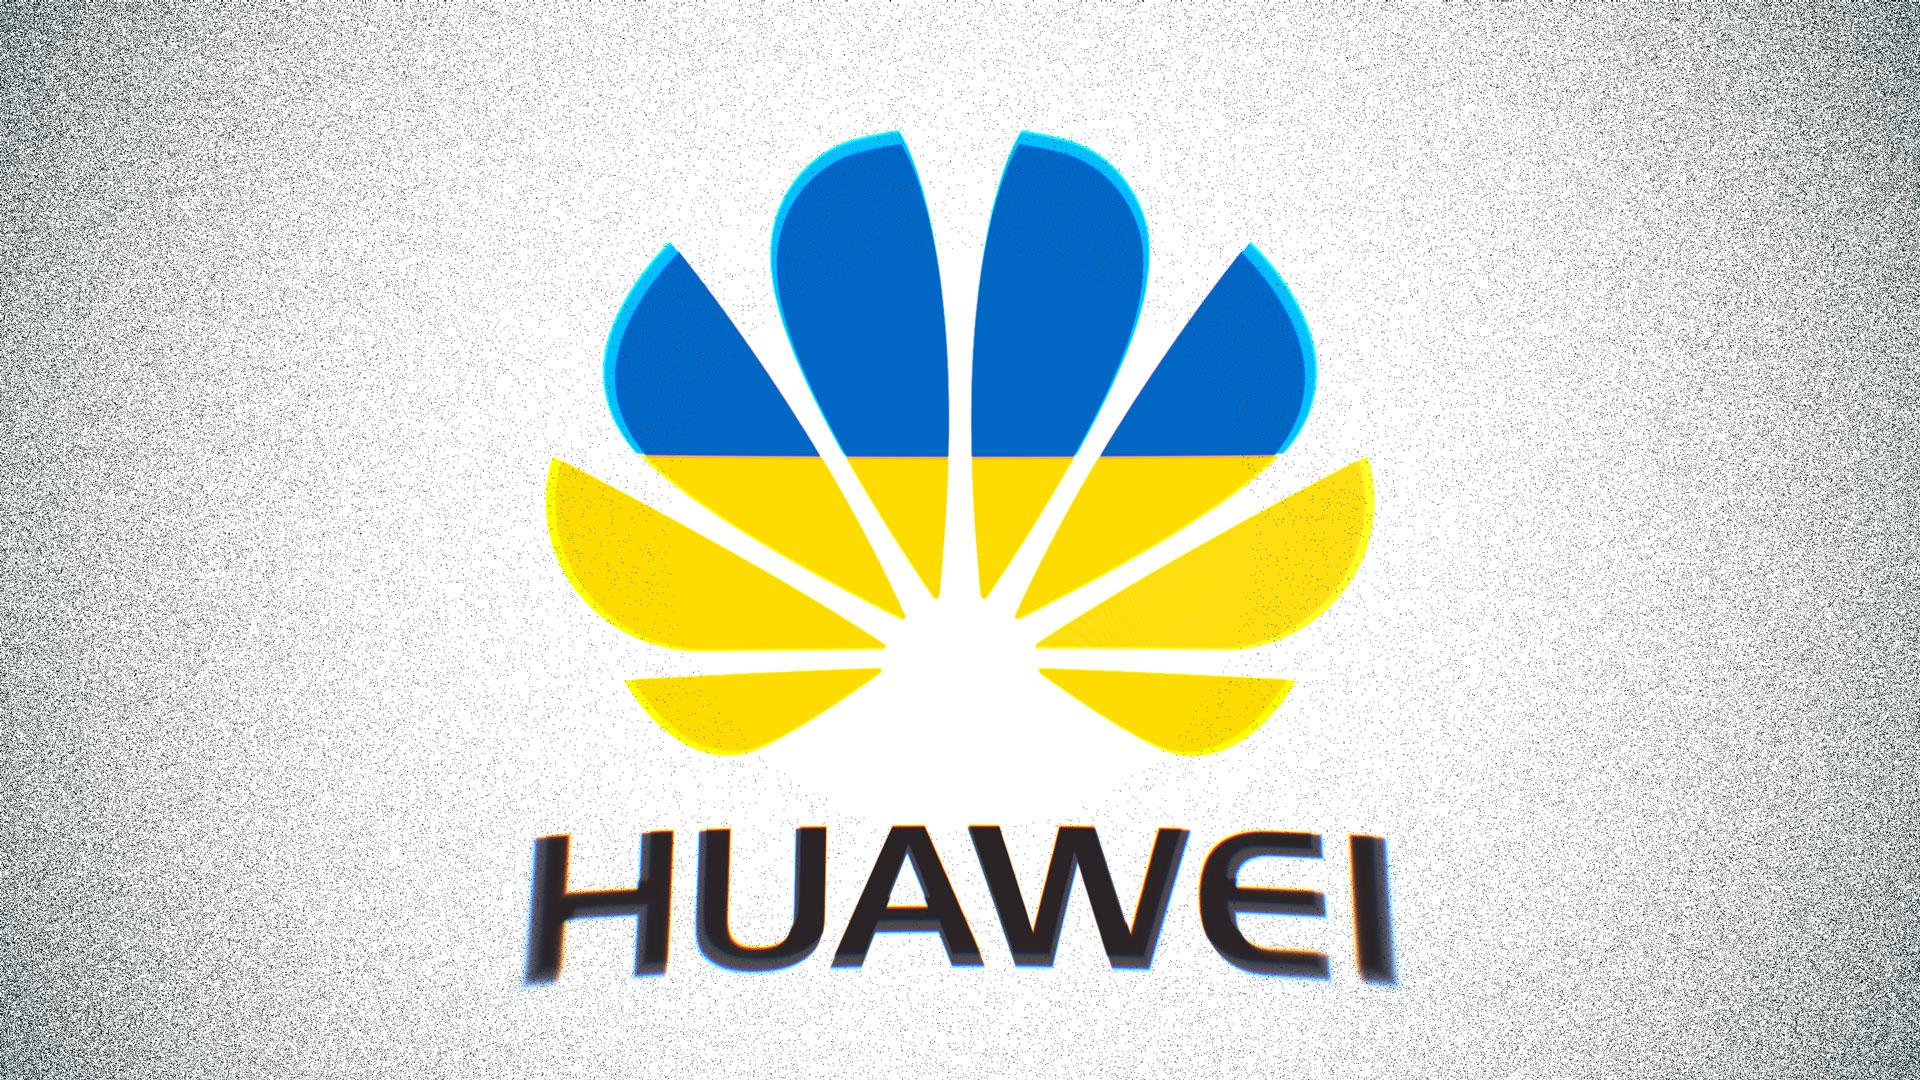 Ukraine Huawei